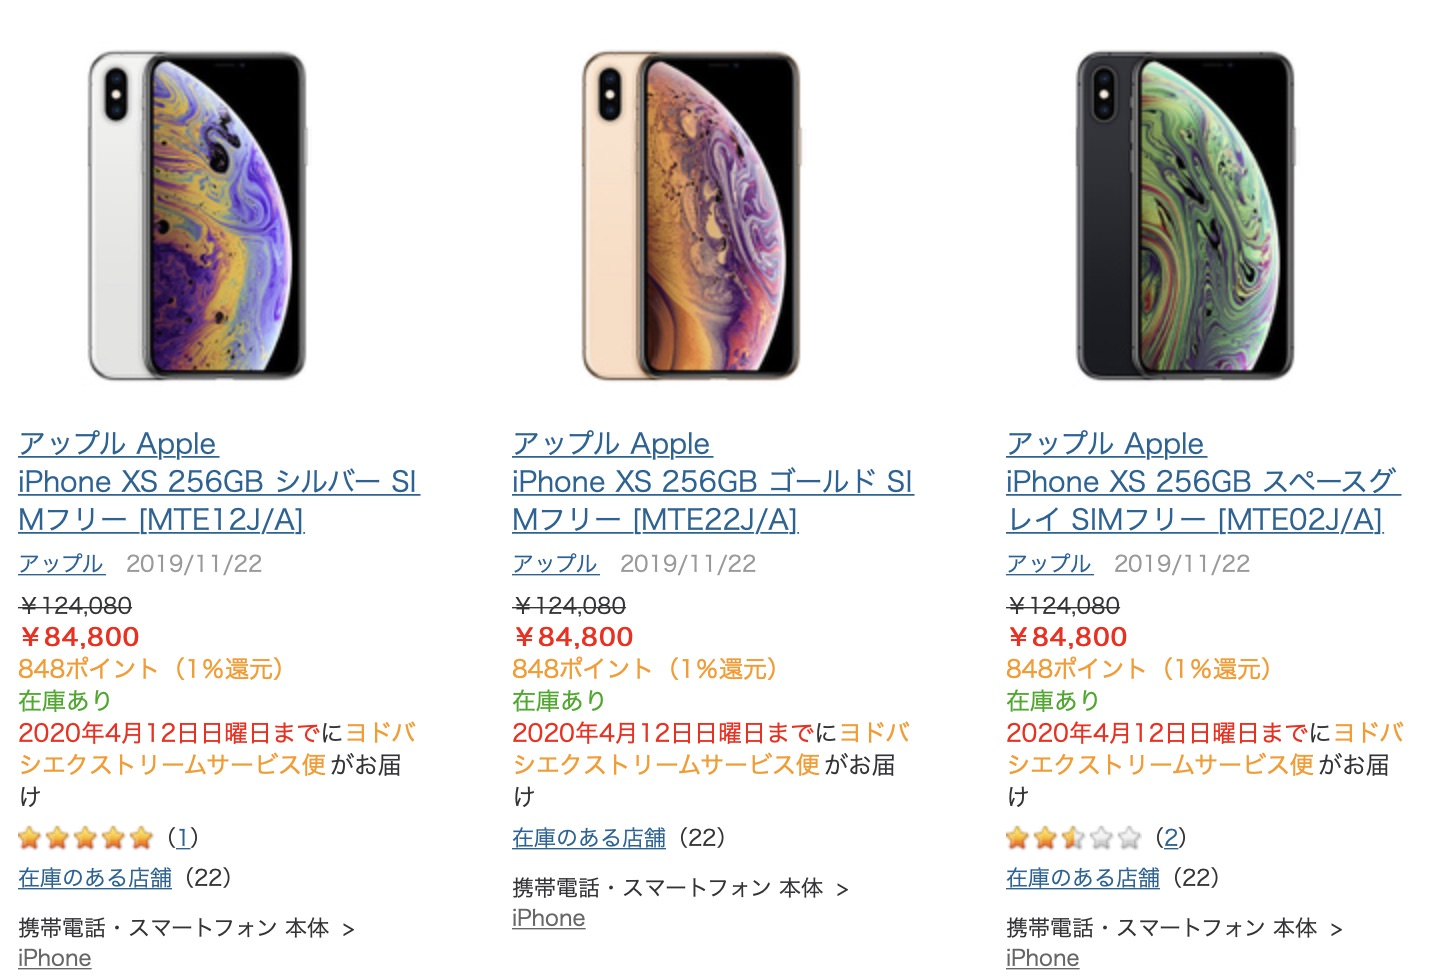 ヨドバシカメラで販売されているSIMフリーiPhone XS 256GB